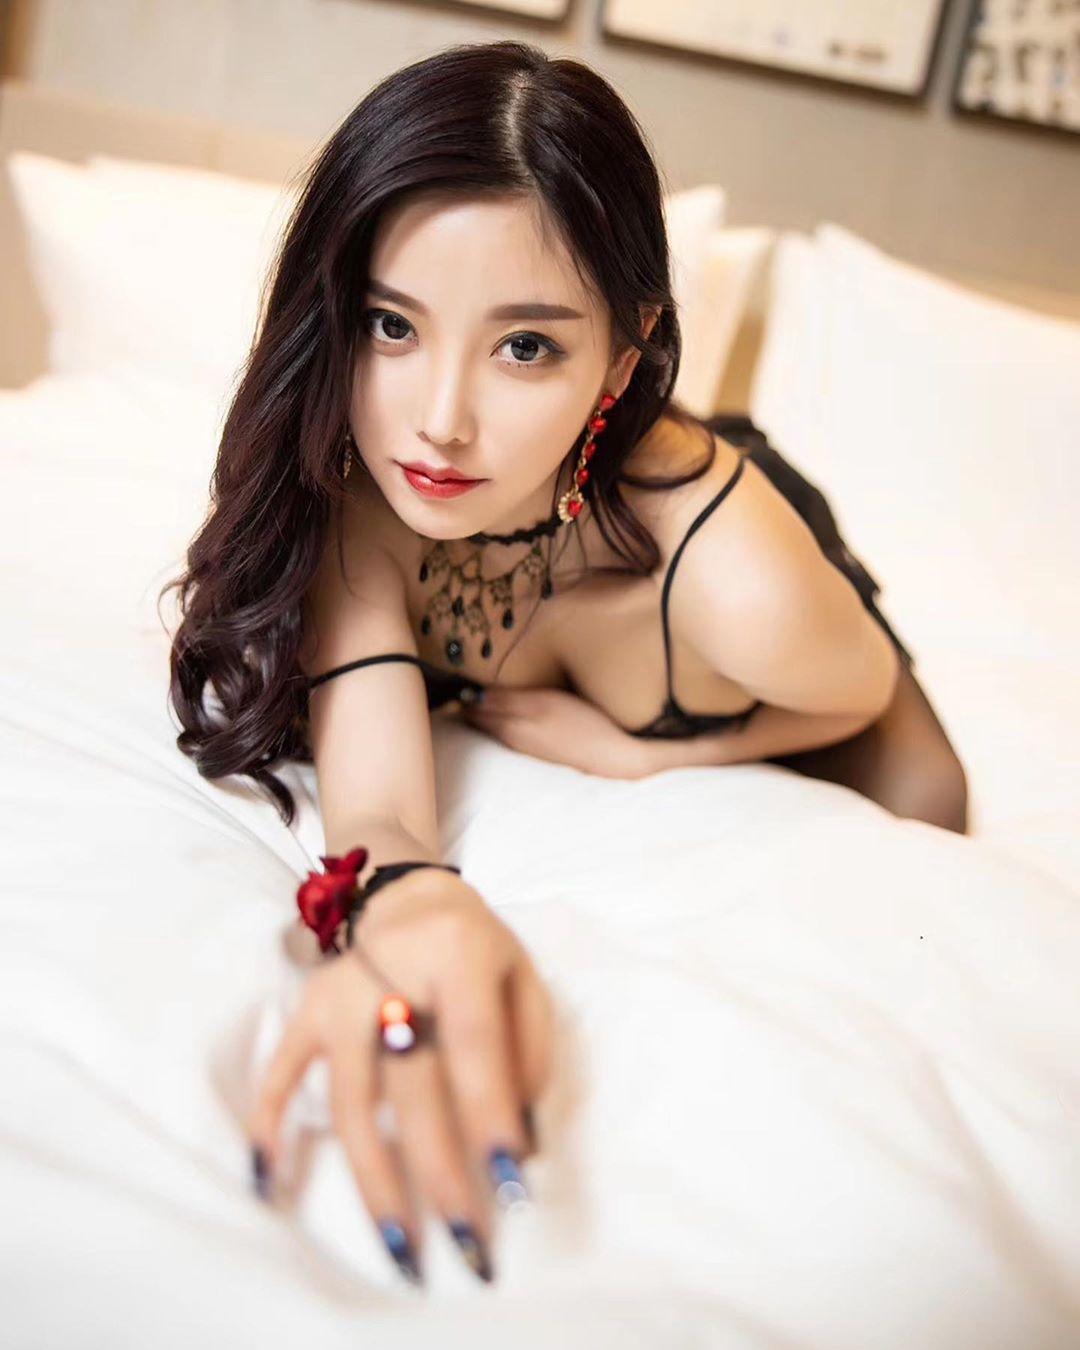 r8VQ55ok o - IG正妹—楊晨晨 (2)